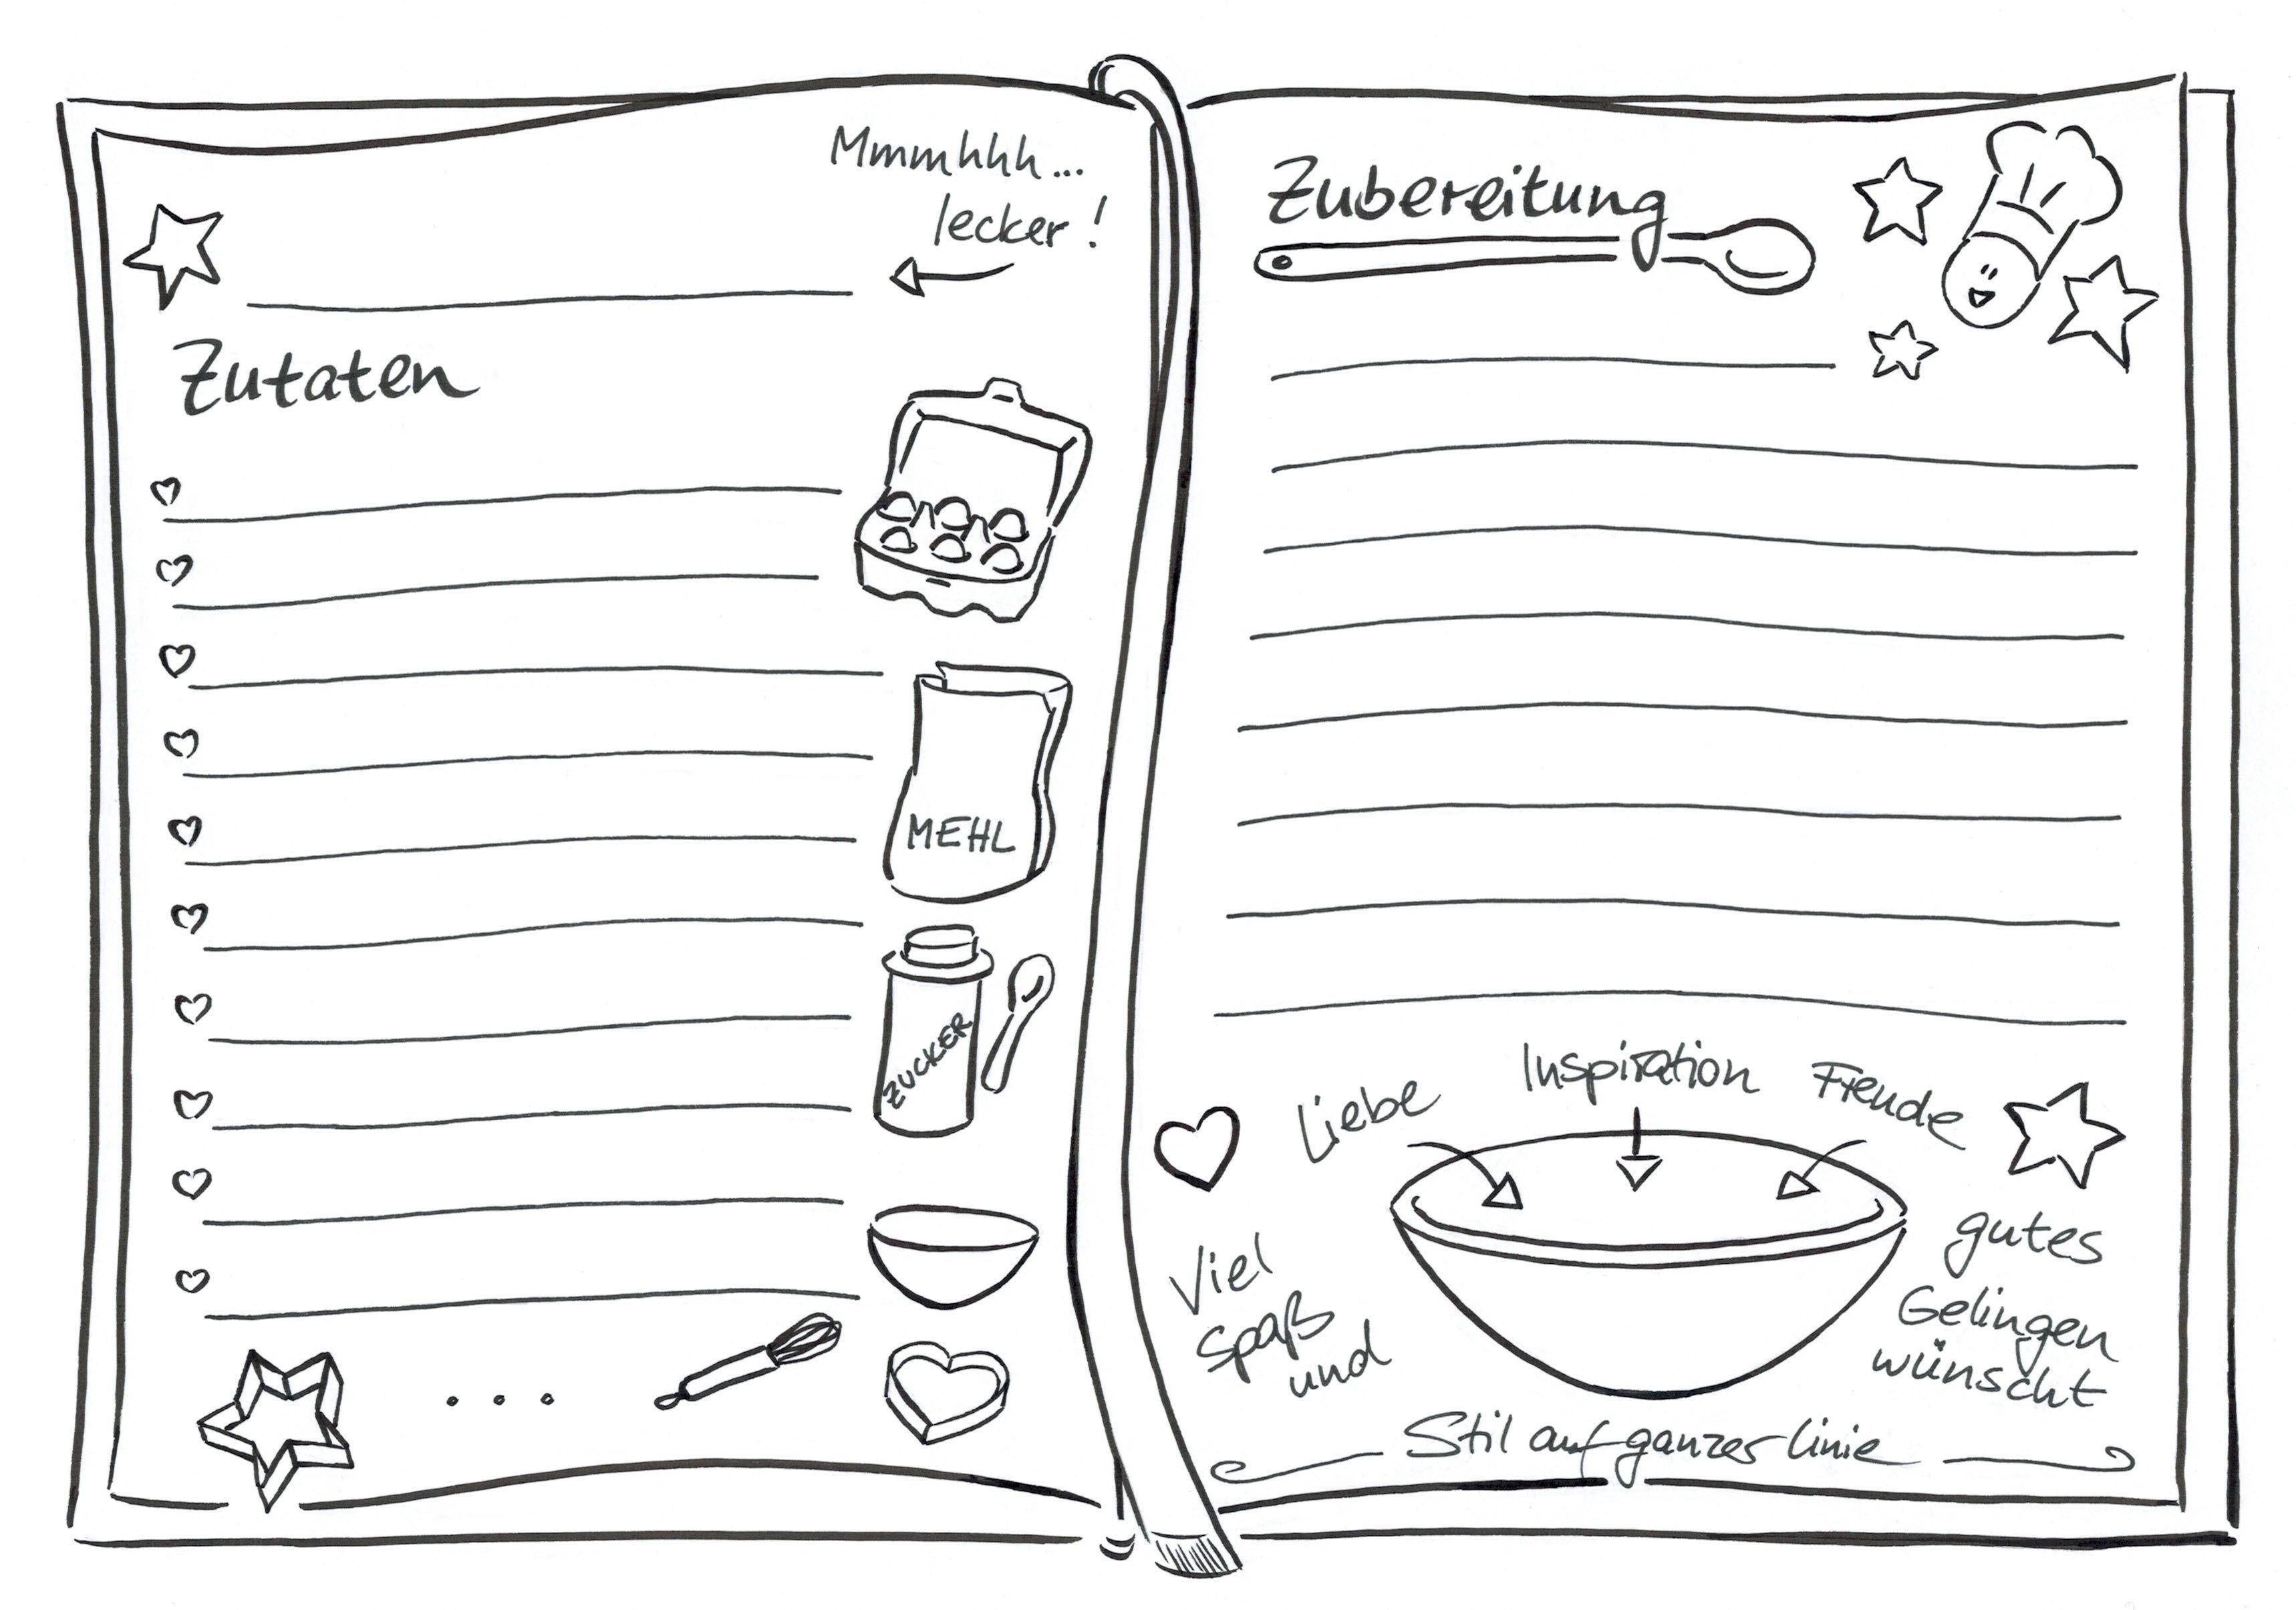 Sketchnote Vorlage Fur Ihr Keksrezept Sketchnotes Zeichnung Weihnachtskeks In 2020 Kochbuch Selbst Gestalten Vorlage Kochbuch Vorlage Kochbuch Selbst Gestalten